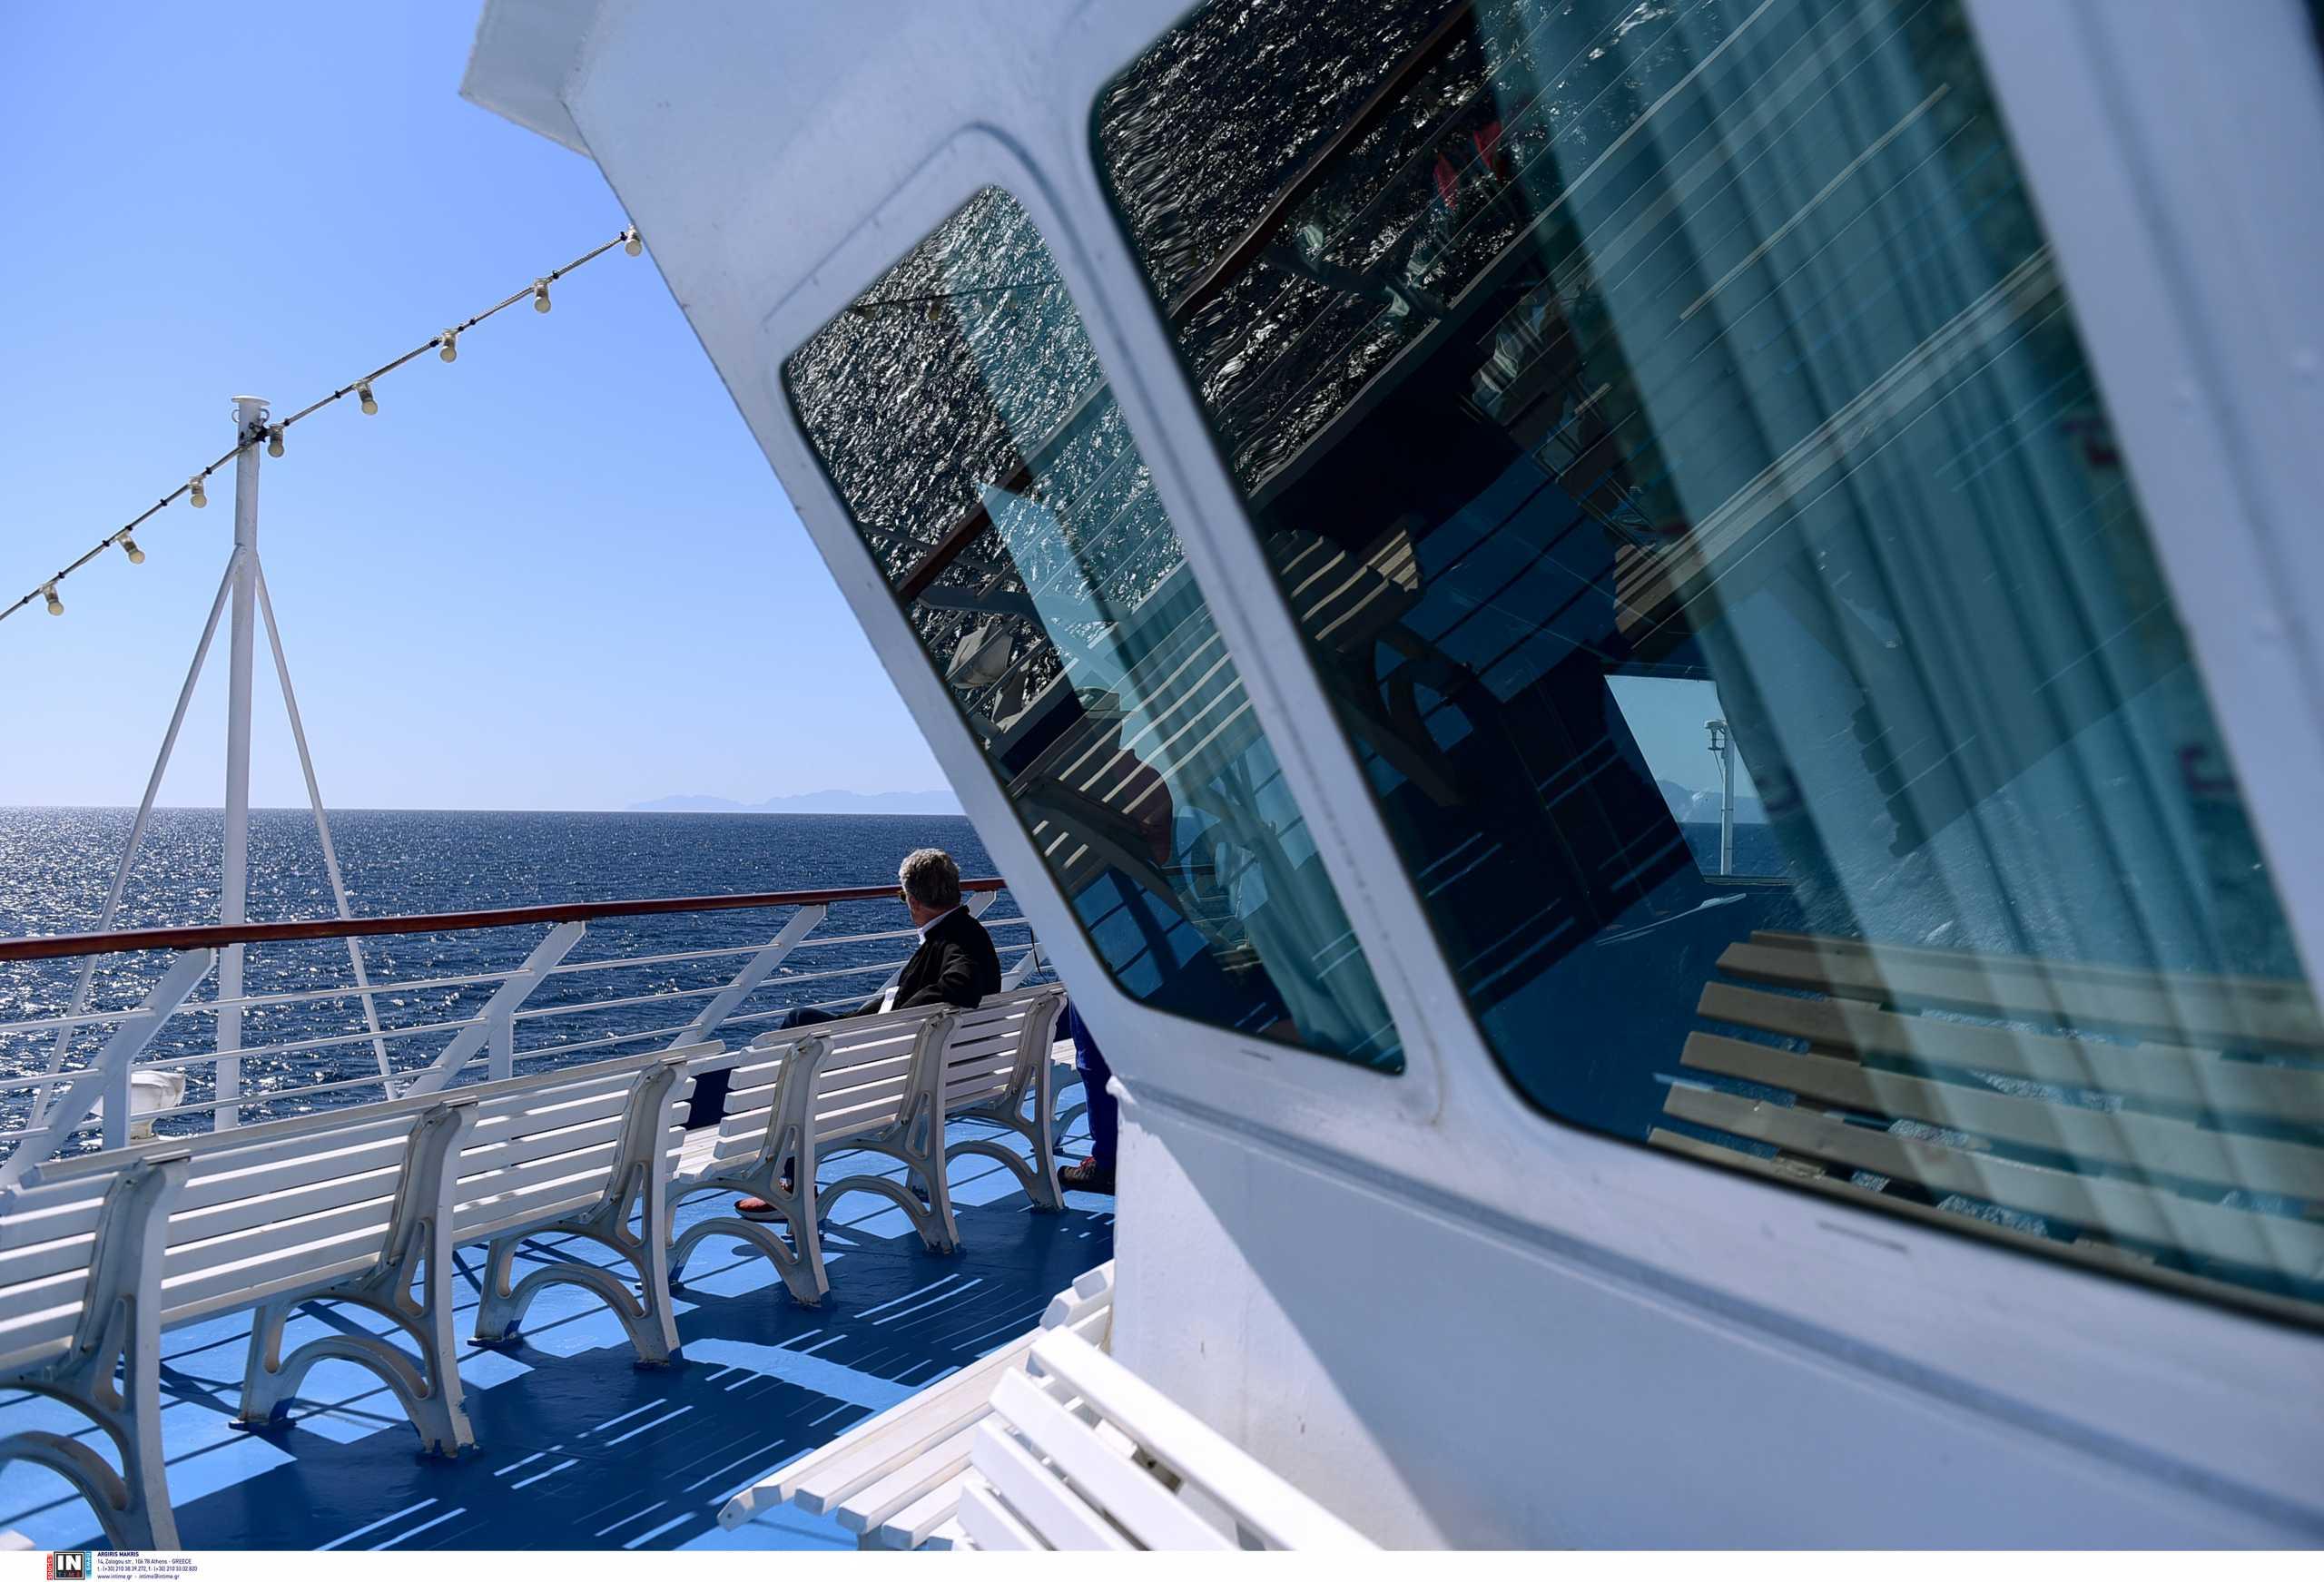 Θετικά στον κορονοϊό επτά μέλη του πληρώματος πλοίου που κάνει δρομολόγια για Σποράδες